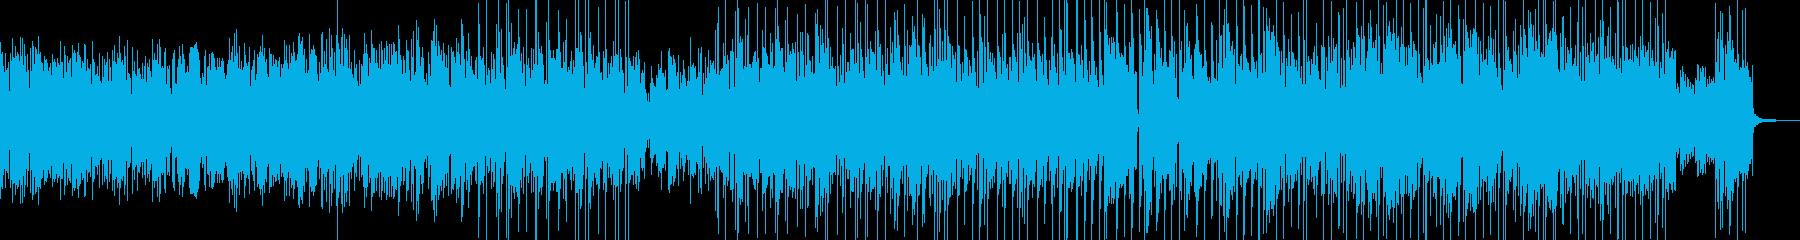 フルートで奏でる癒しタイム・ラテン Aの再生済みの波形